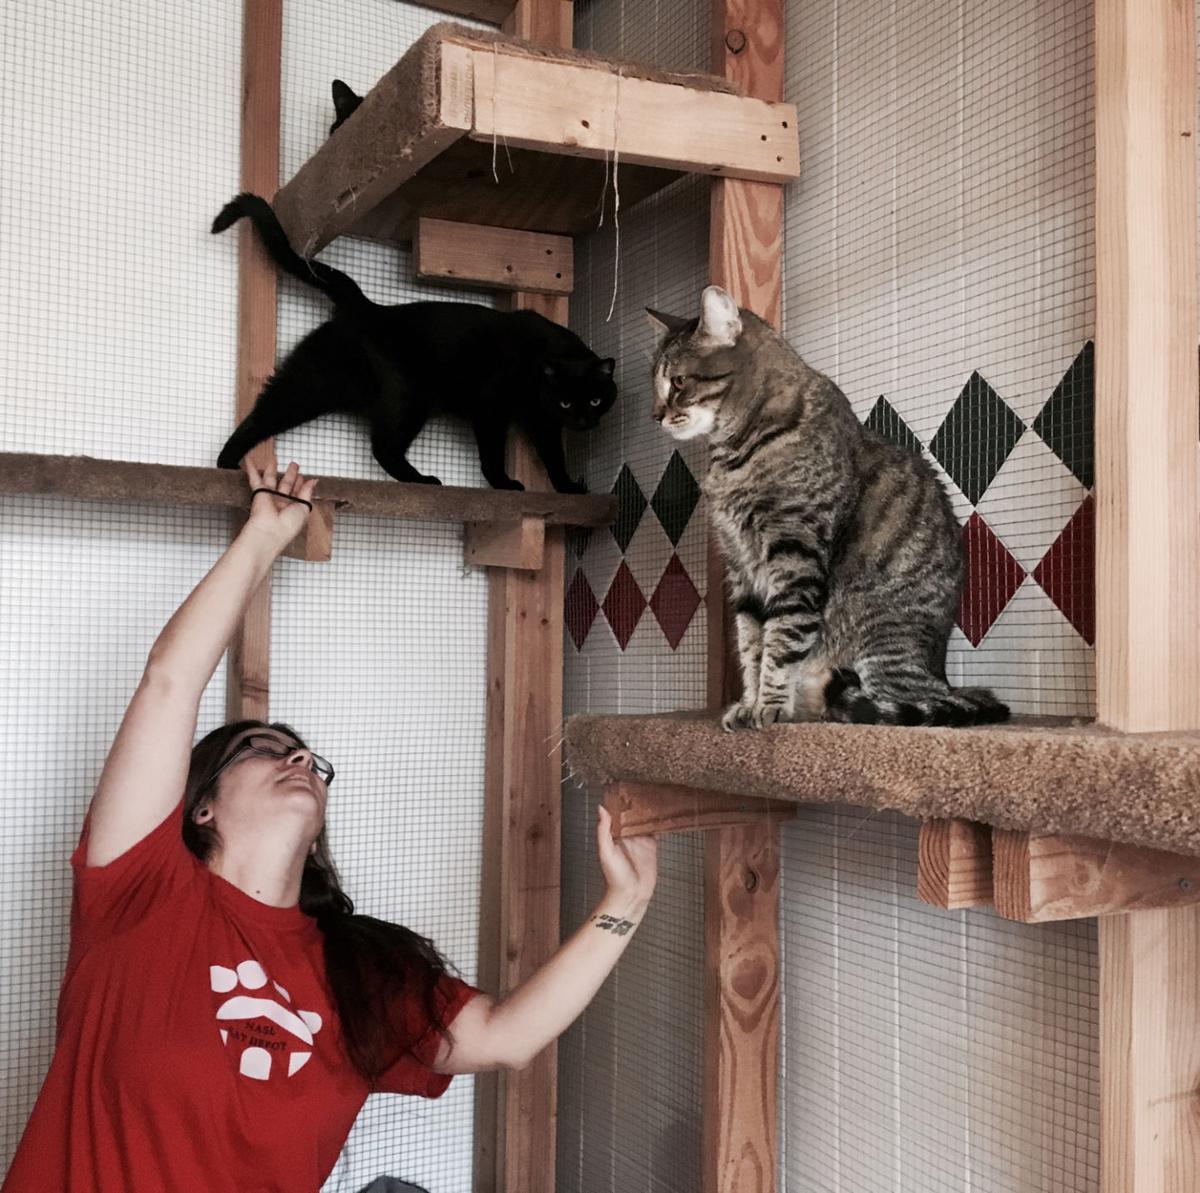 NASL Cat Depot